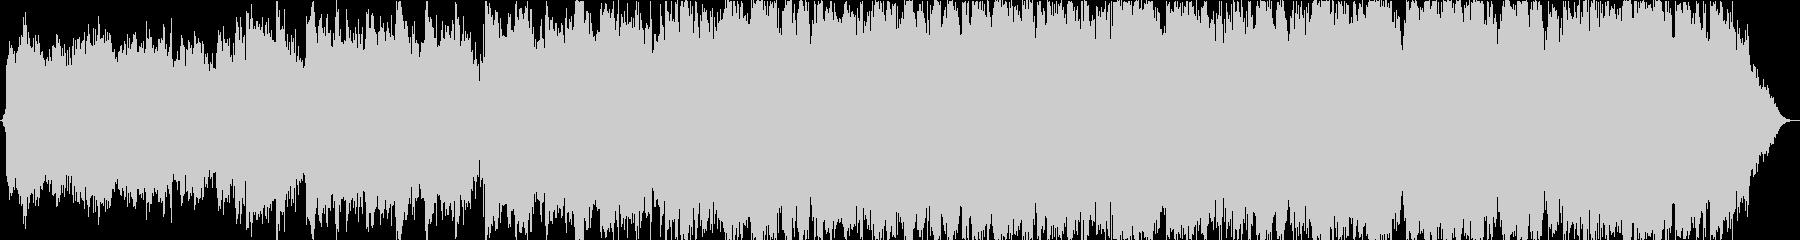 波音と笛のヒーリングミュージックの未再生の波形